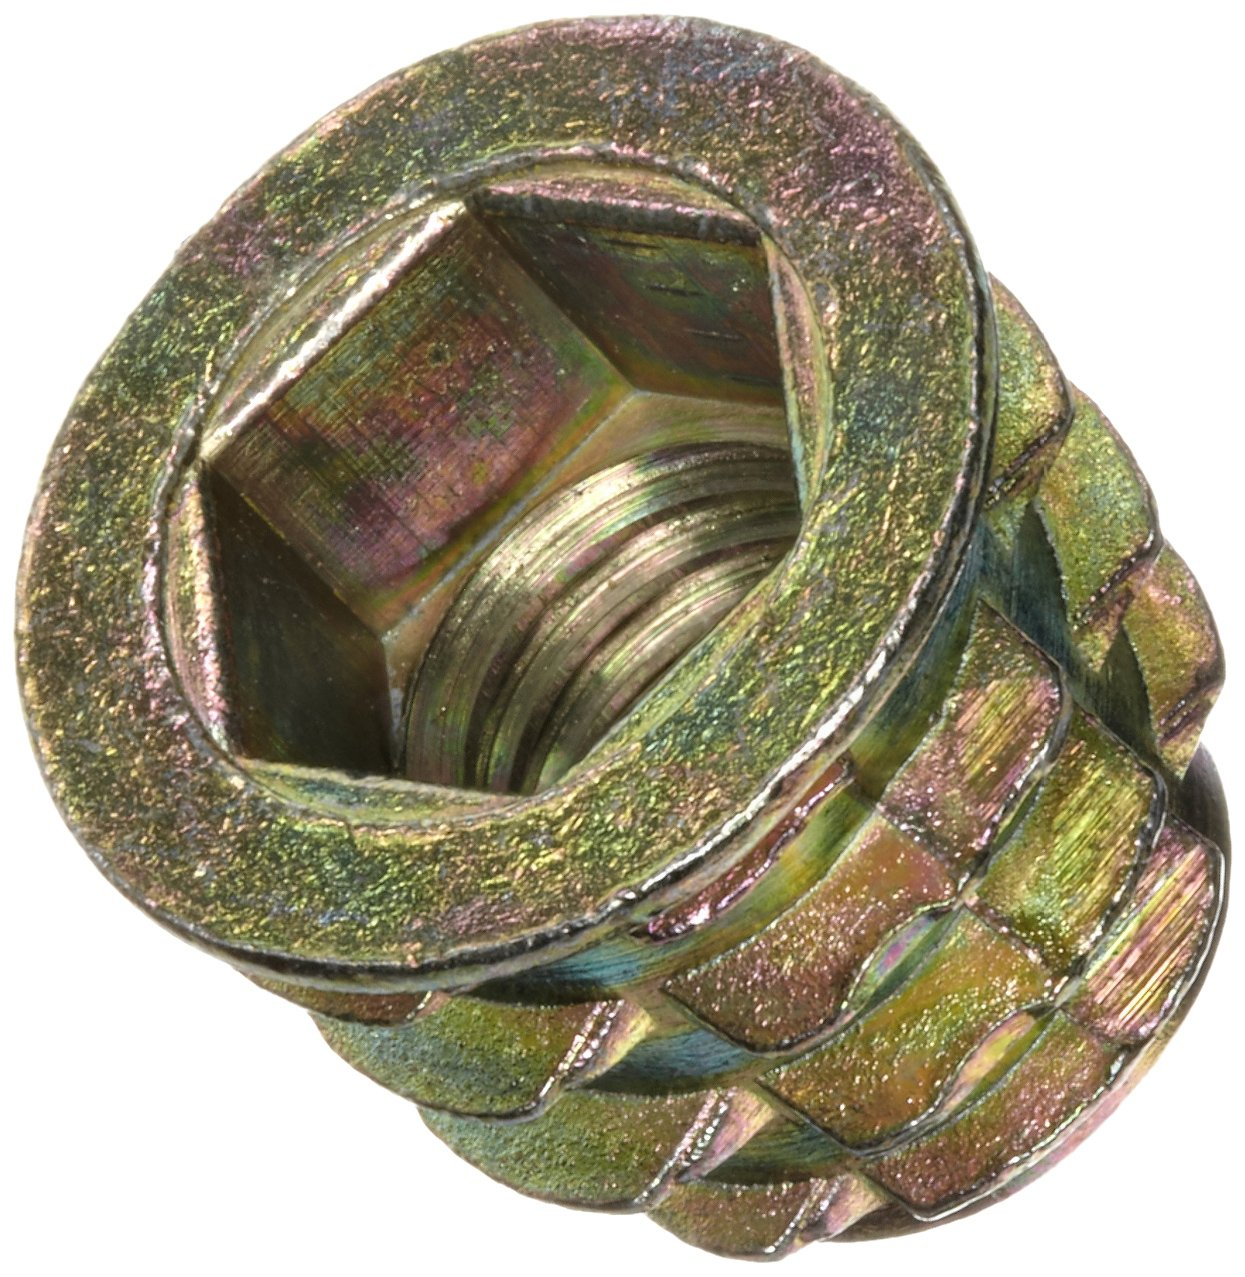 M8-1.25 Internal Threads Hex-Flanged Pack of 25 20mm Length E-Z Lok Threaded Insert Zinc